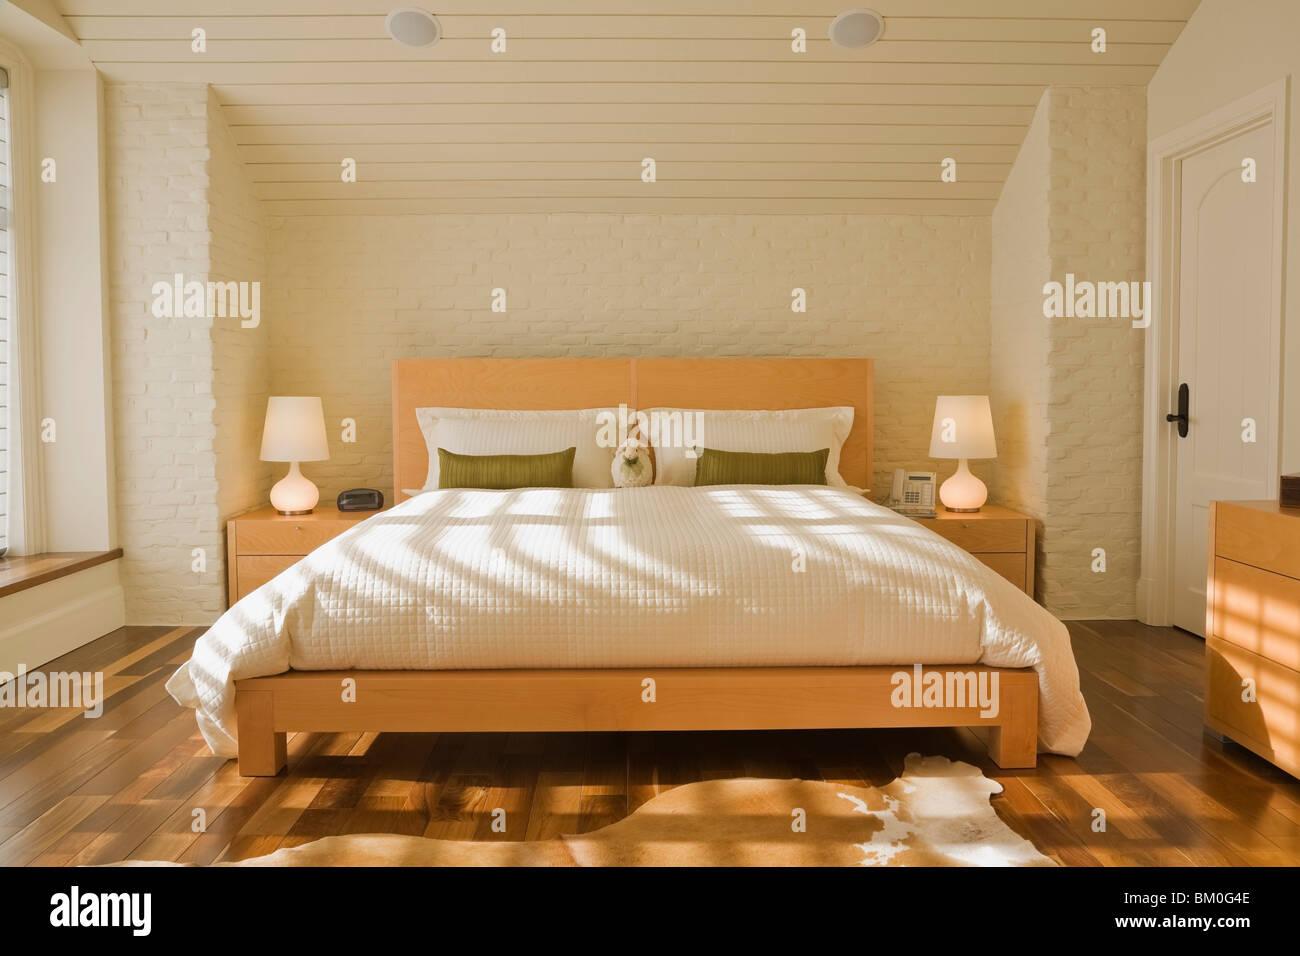 Dormitorio principal con cama King-Size en lujosa casa Imagen De Stock